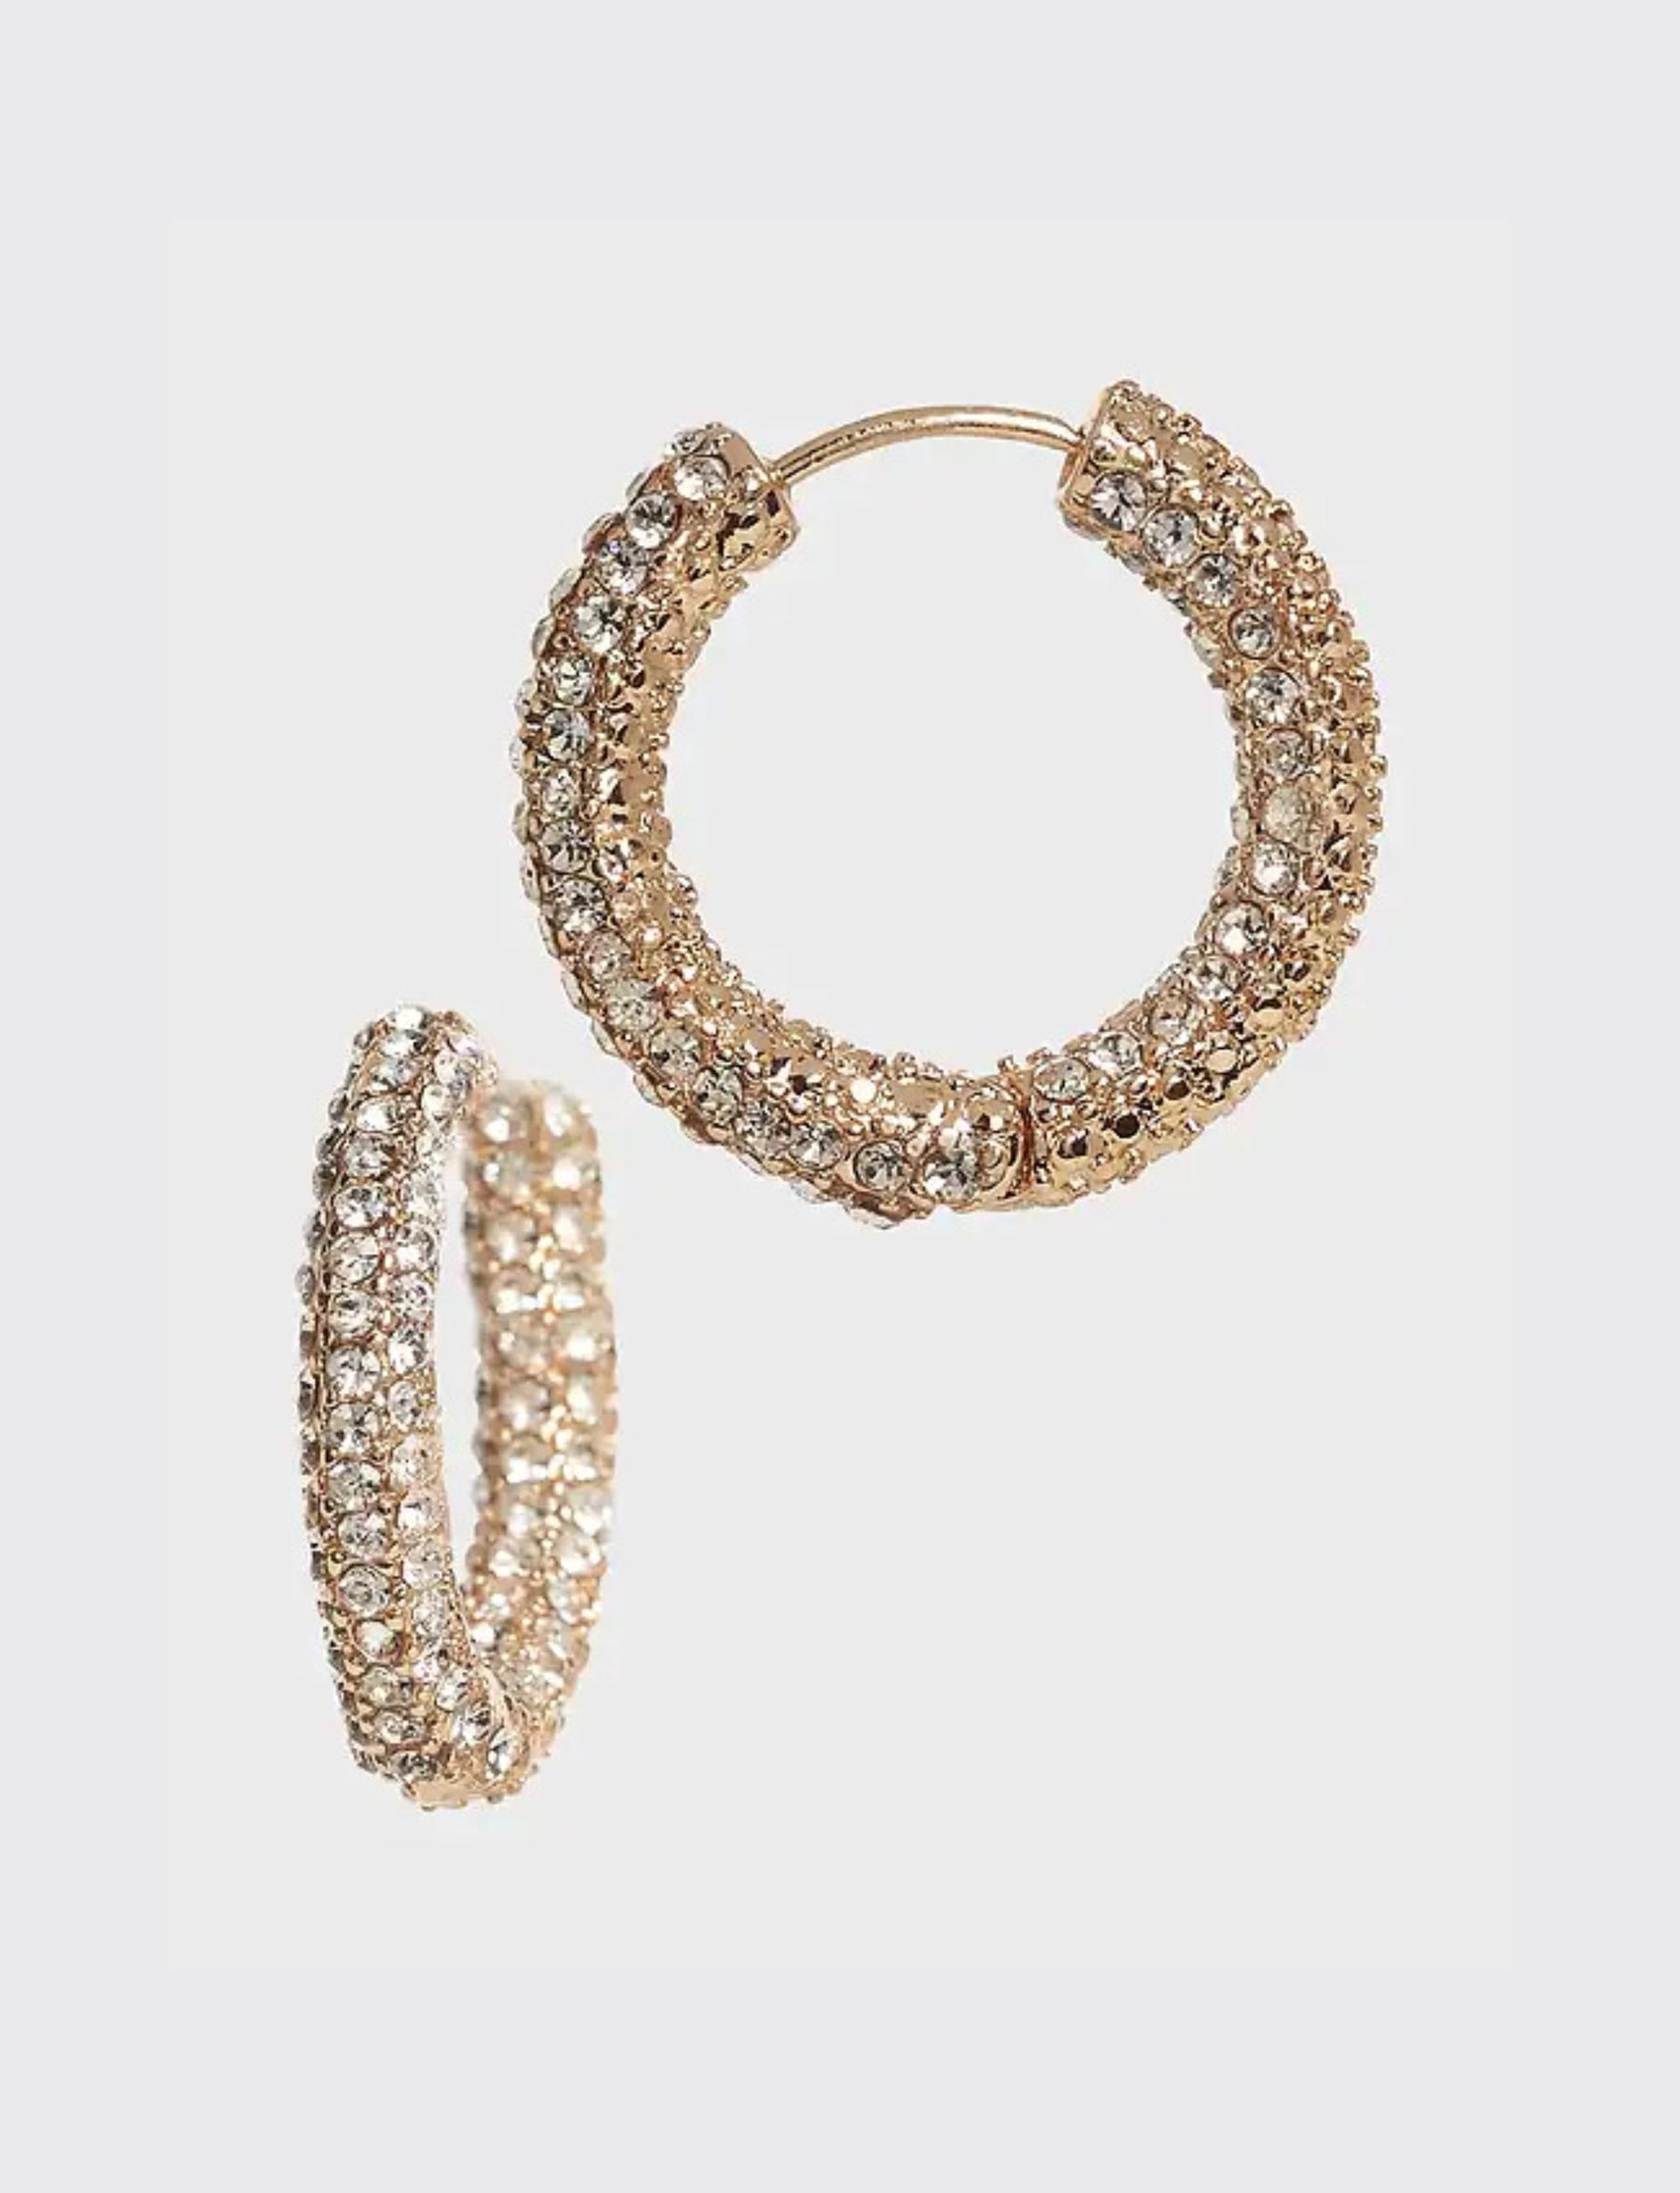 Medium Pave Hoop Earrings - Gold